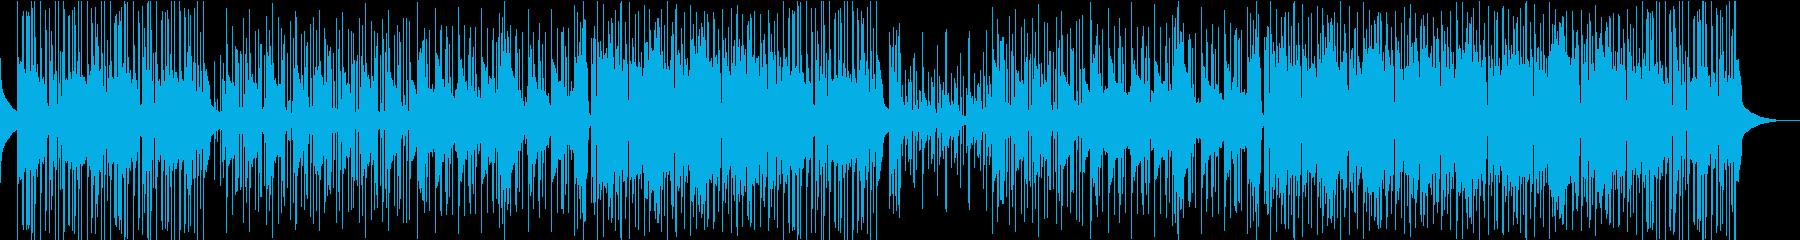 優しい、少し物悲しいインスト曲の再生済みの波形